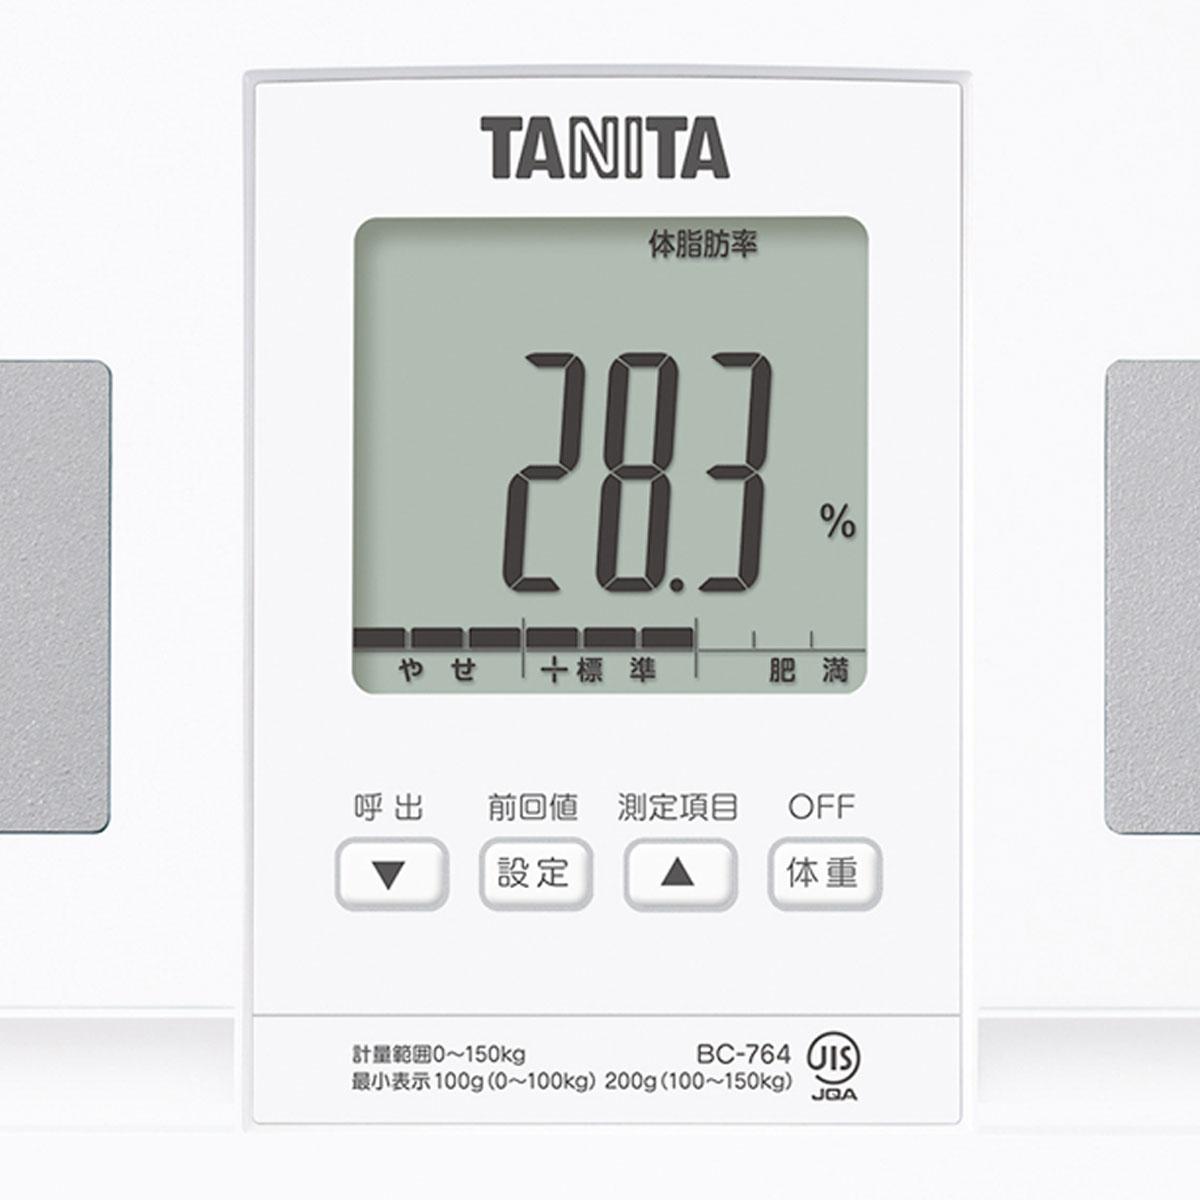 タニタ 体組成計 大型文字表示 BC-764